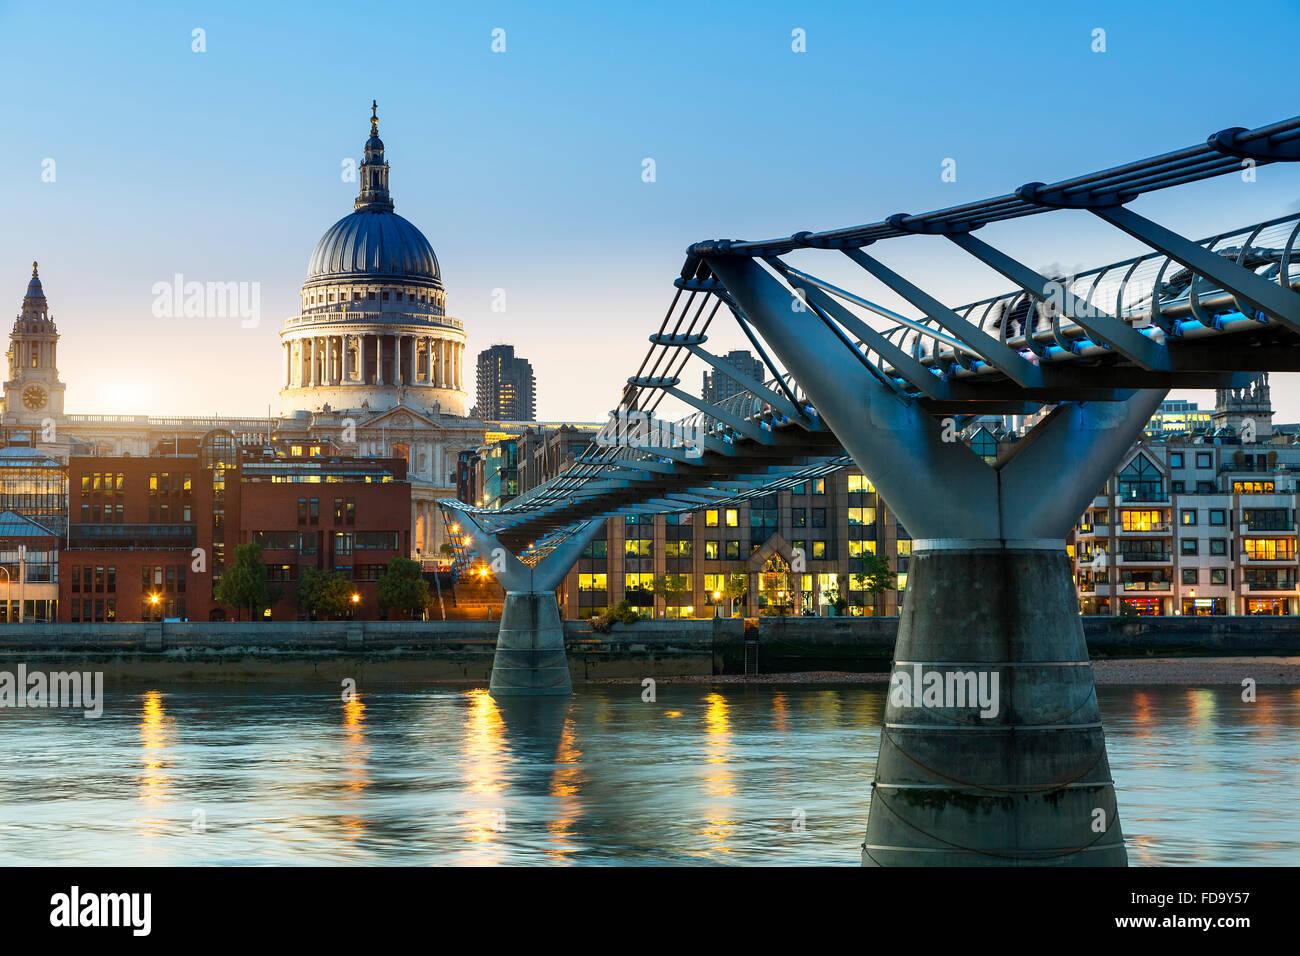 Londra millennium passerella al crepuscolo Immagini Stock